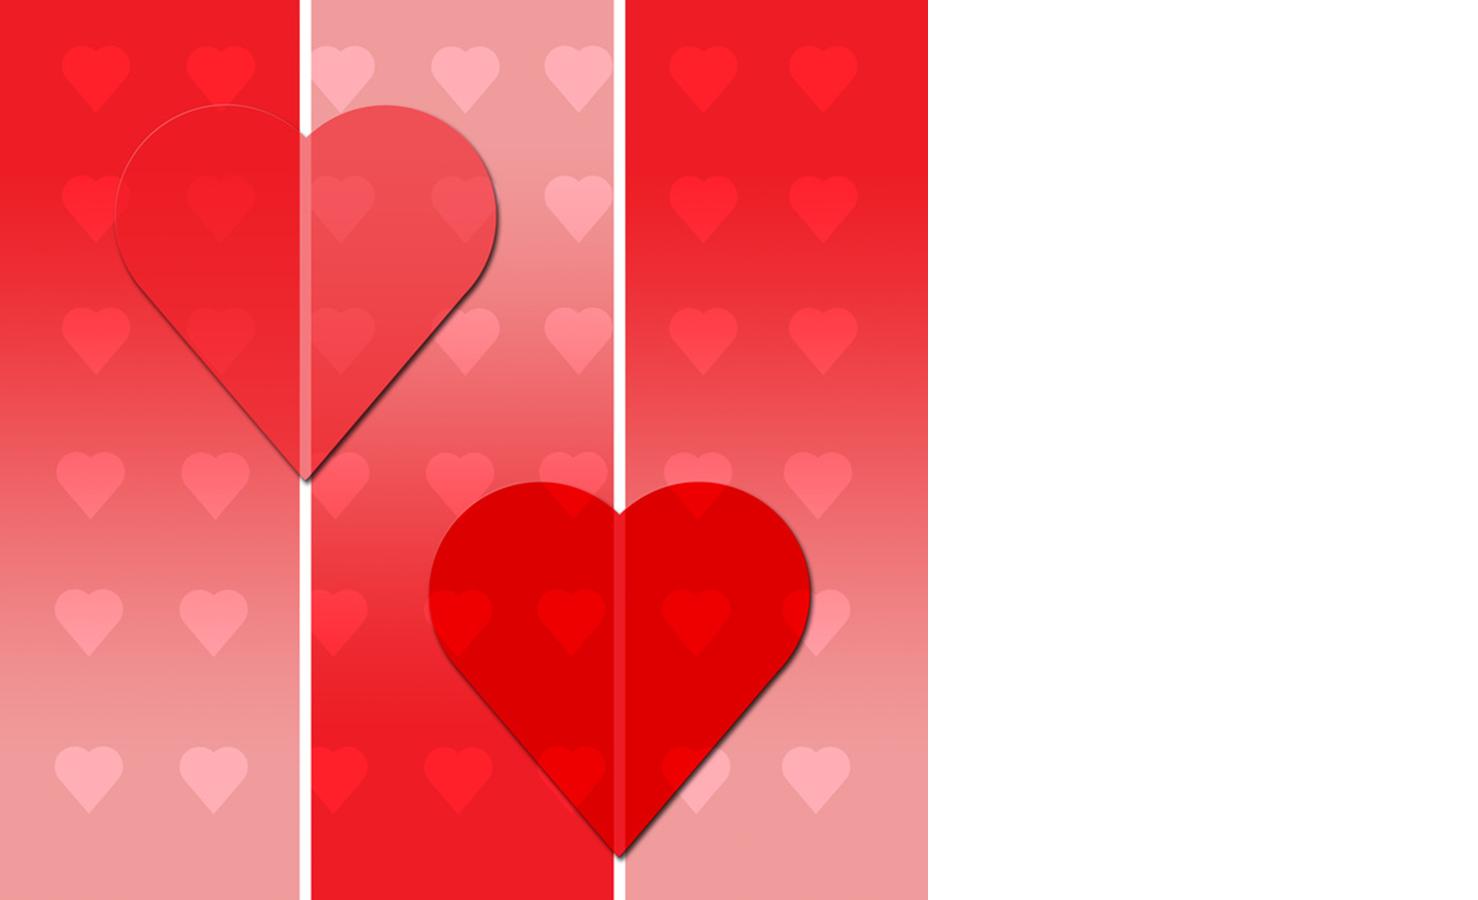 Dárkový poukaz srdce - vzor ke stažení